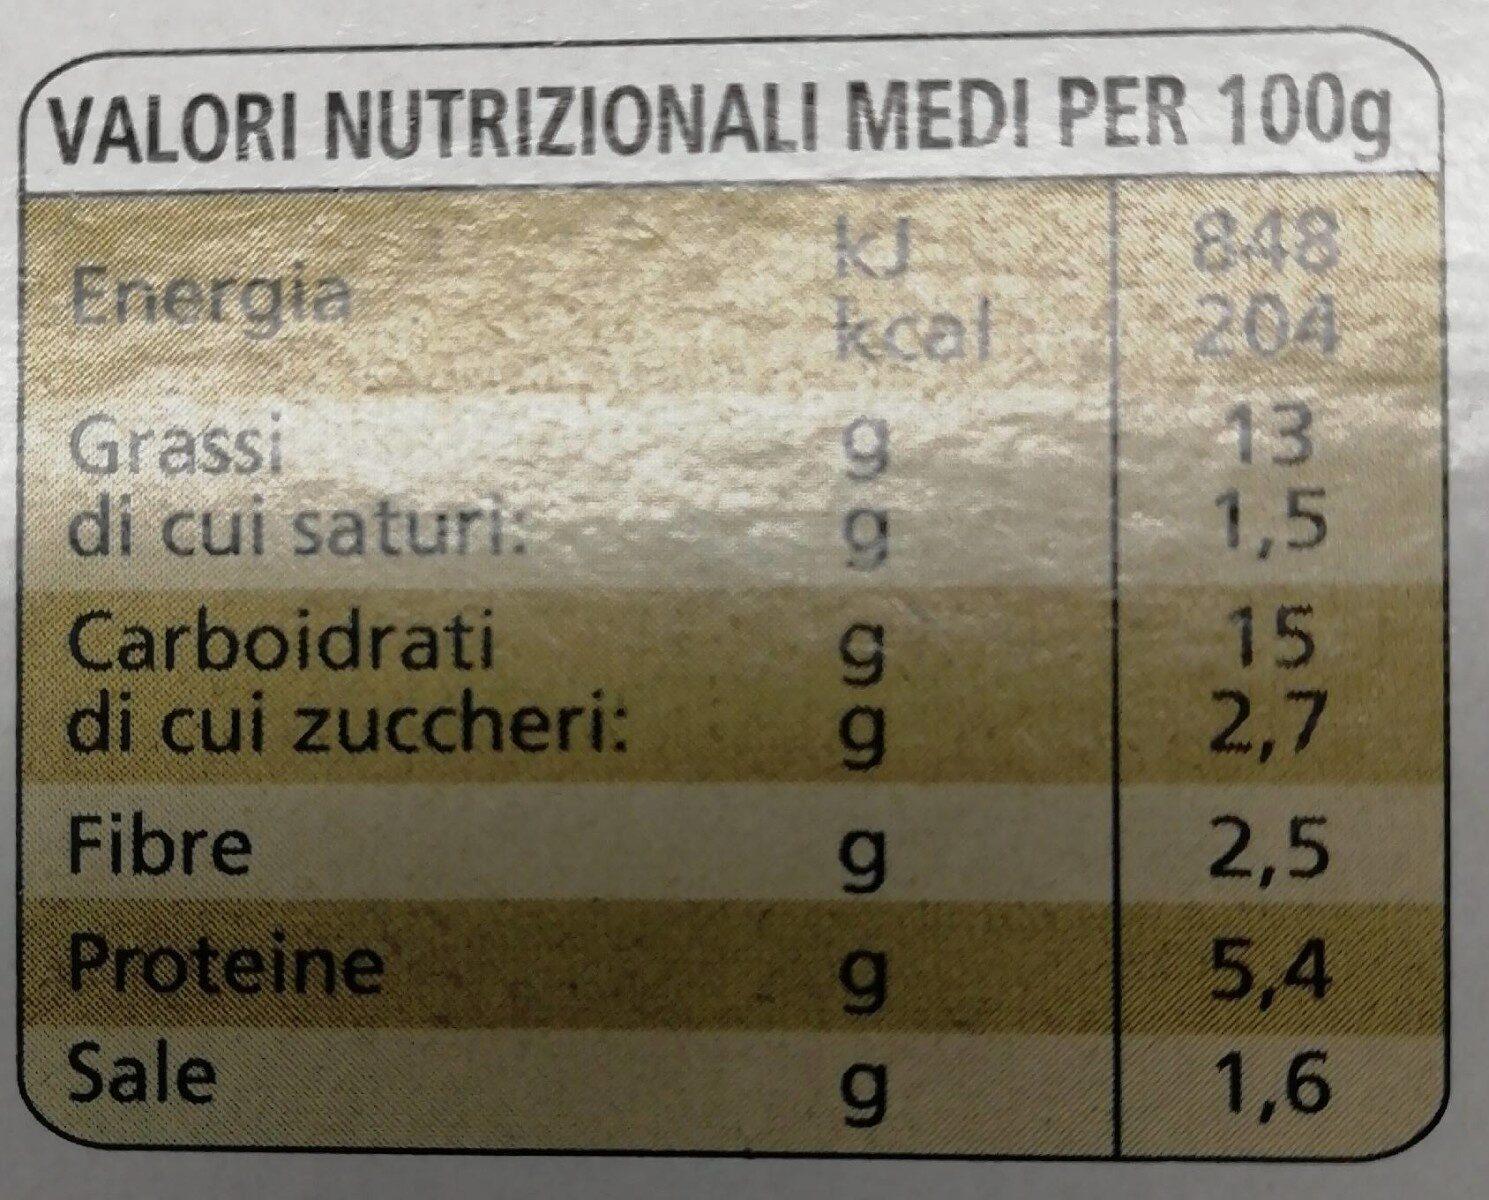 La farinata della spezia - Nutrition facts - it